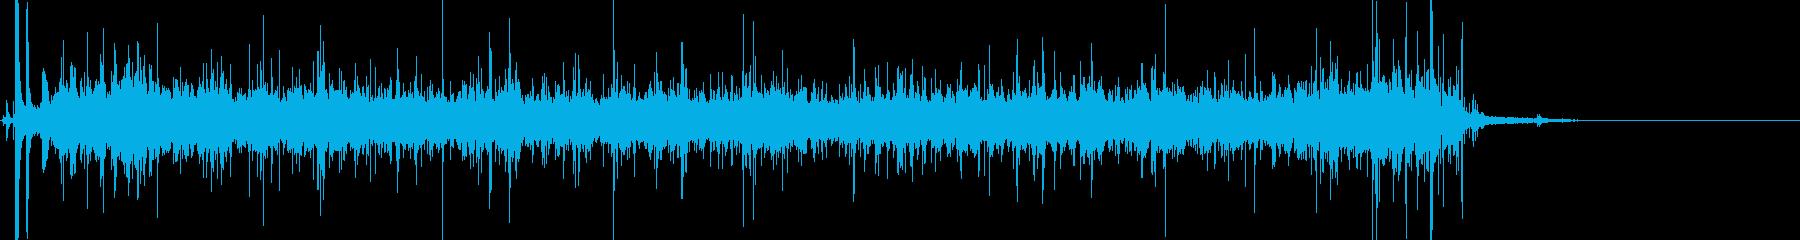 洗濯機:水とモーターのノイズを伴う...の再生済みの波形